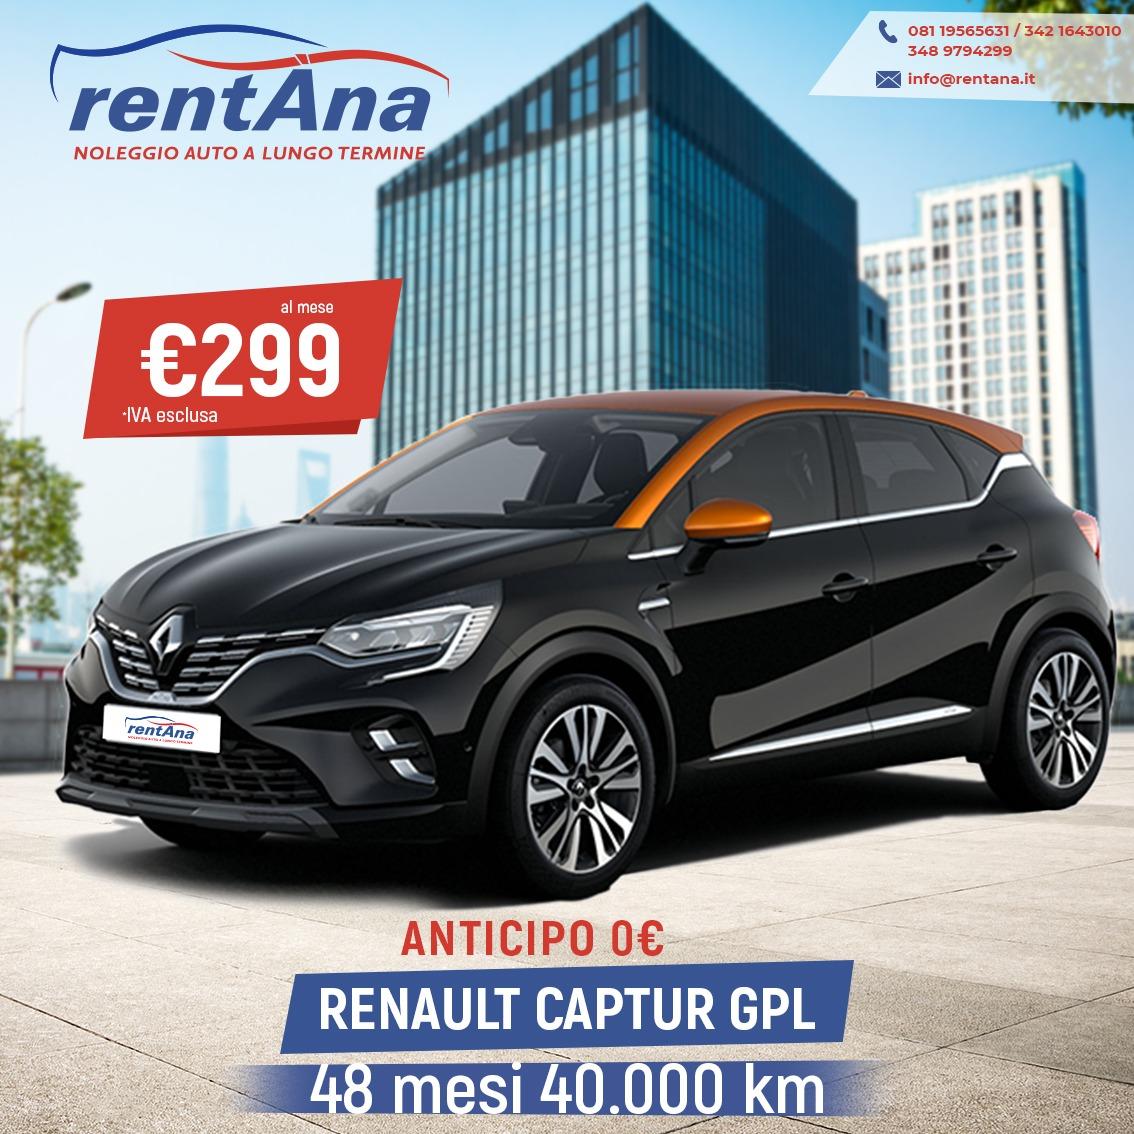 Renault Capture GPL